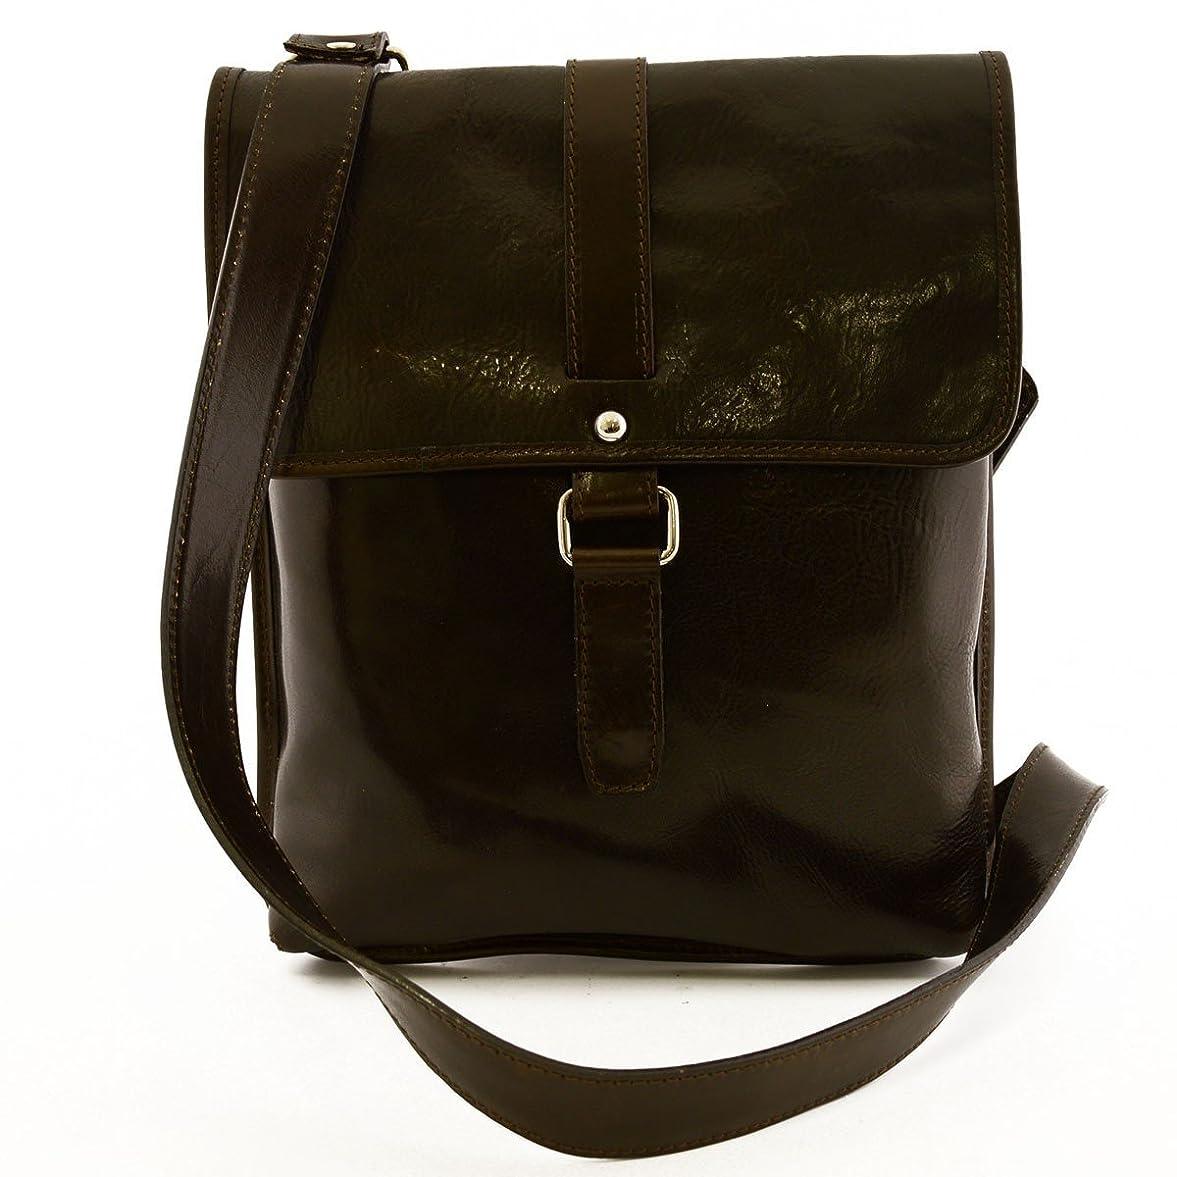 症候群現実的偽物Made In Italy Genuine Leather Man Bag, Magnetic Closure Color Dark Brown - Man Bag